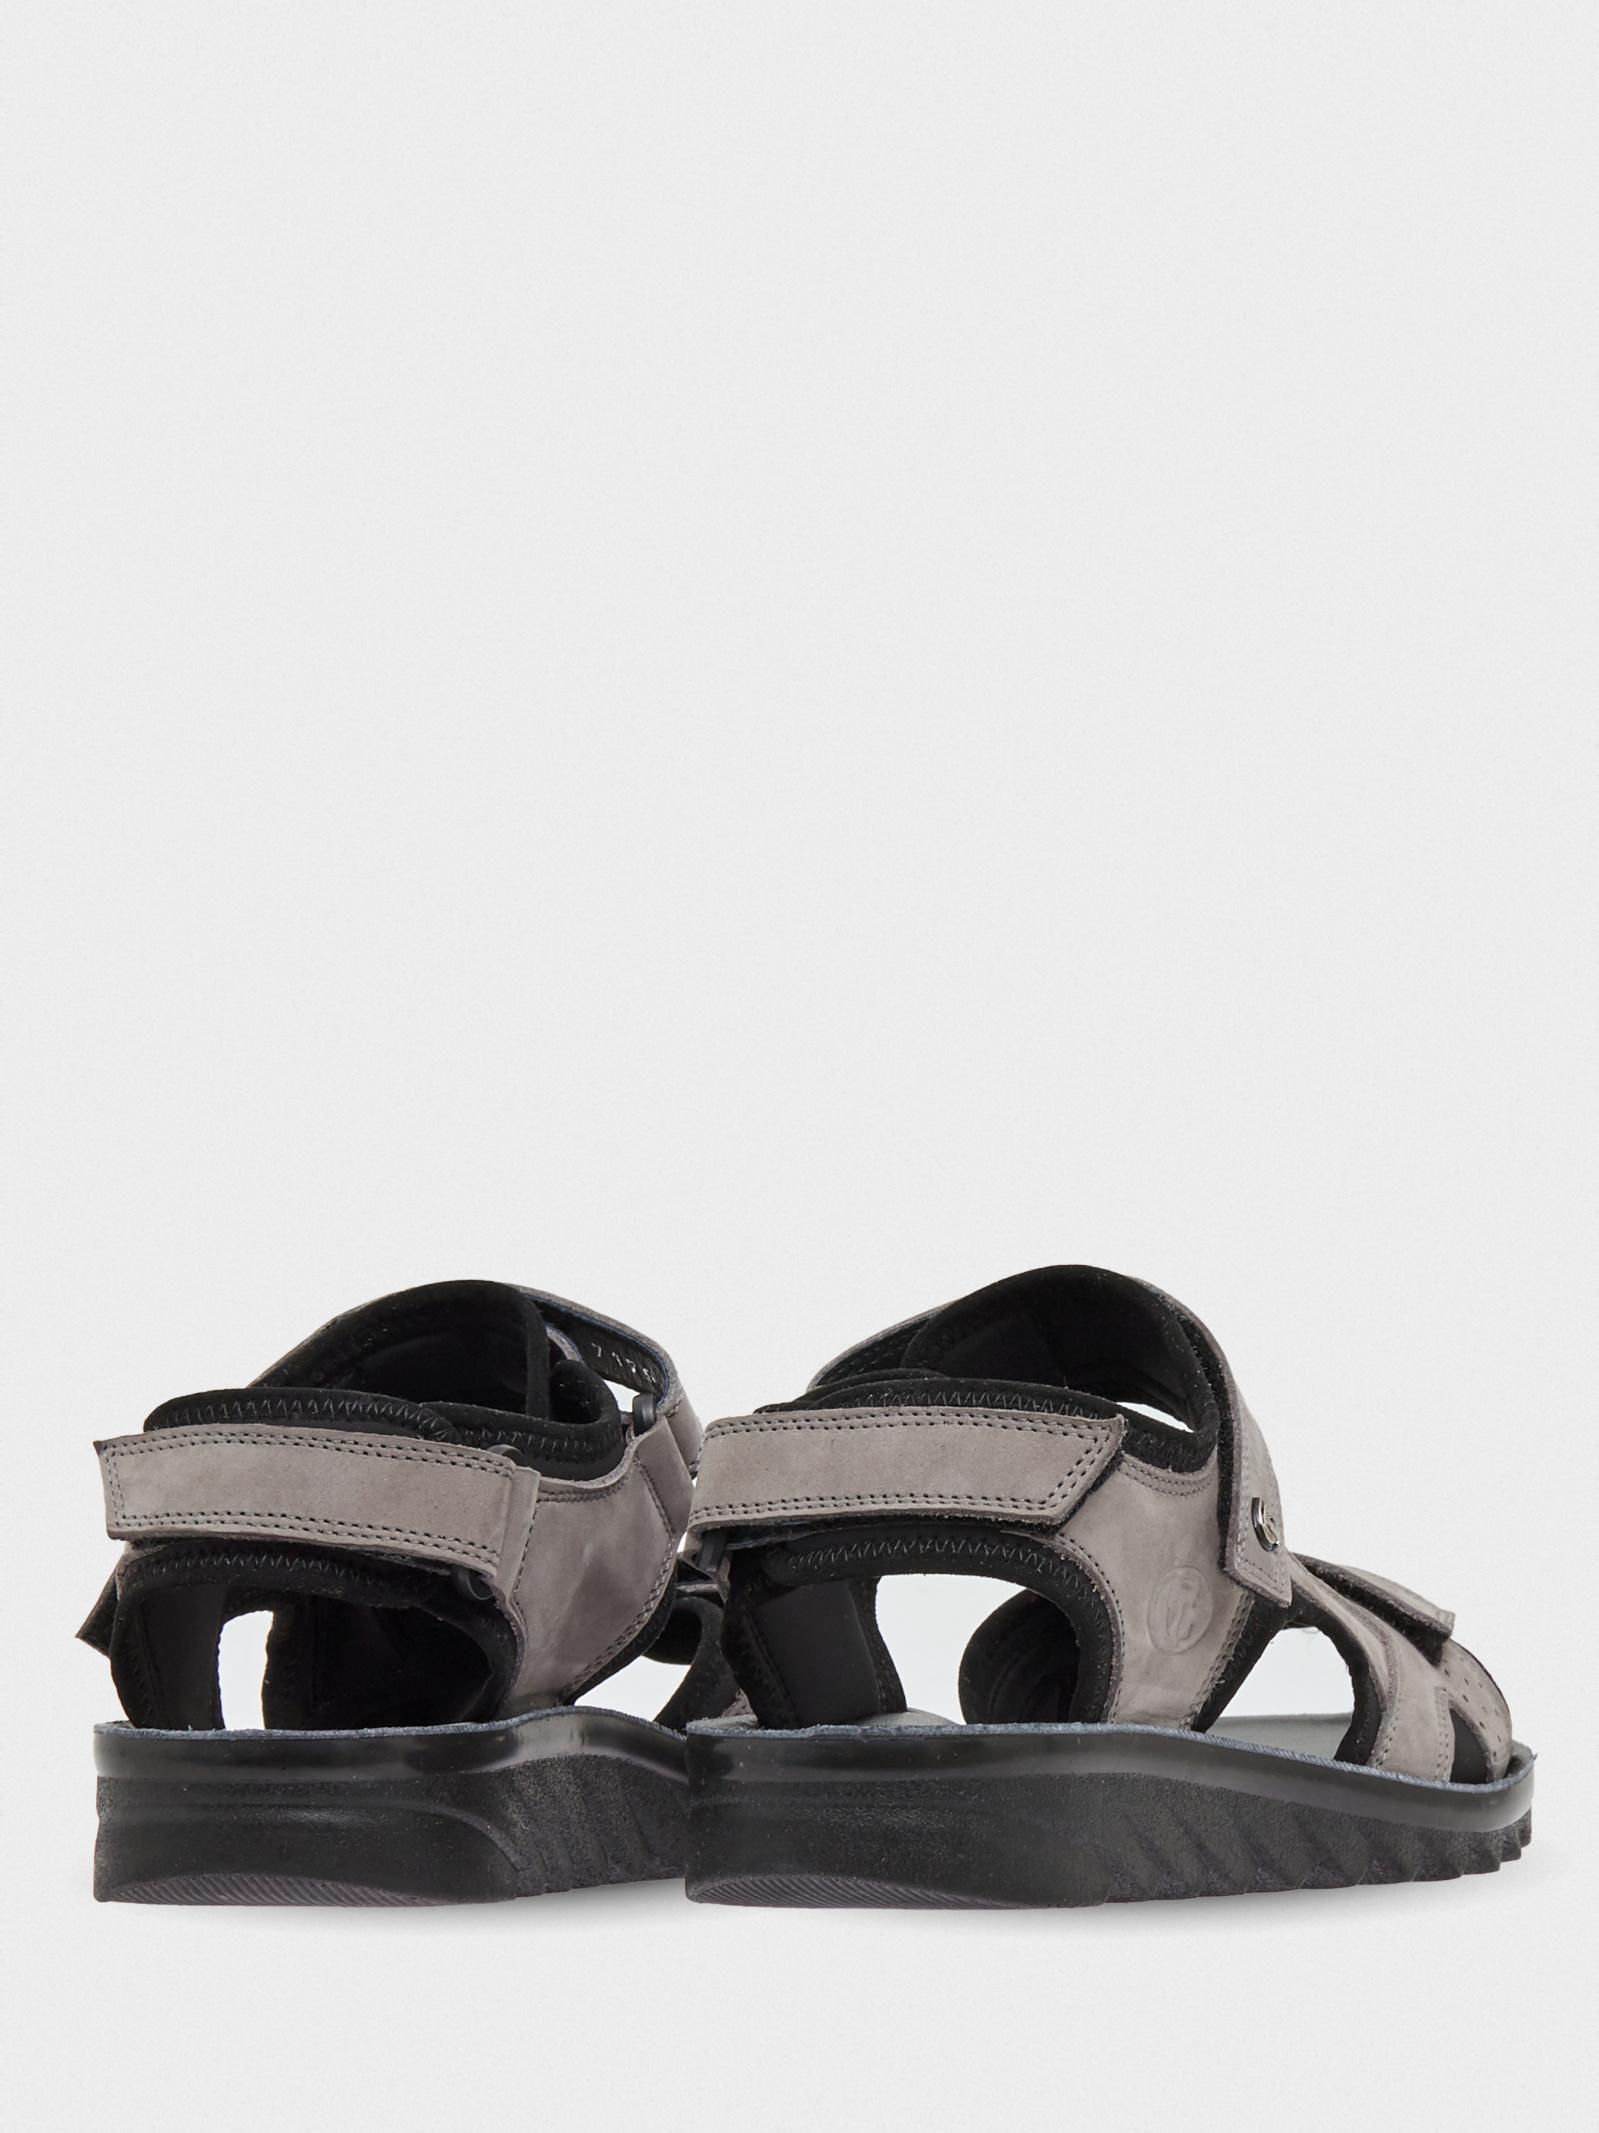 Сандалі  для жінок Стептер 7179-2 розміри взуття, 2017